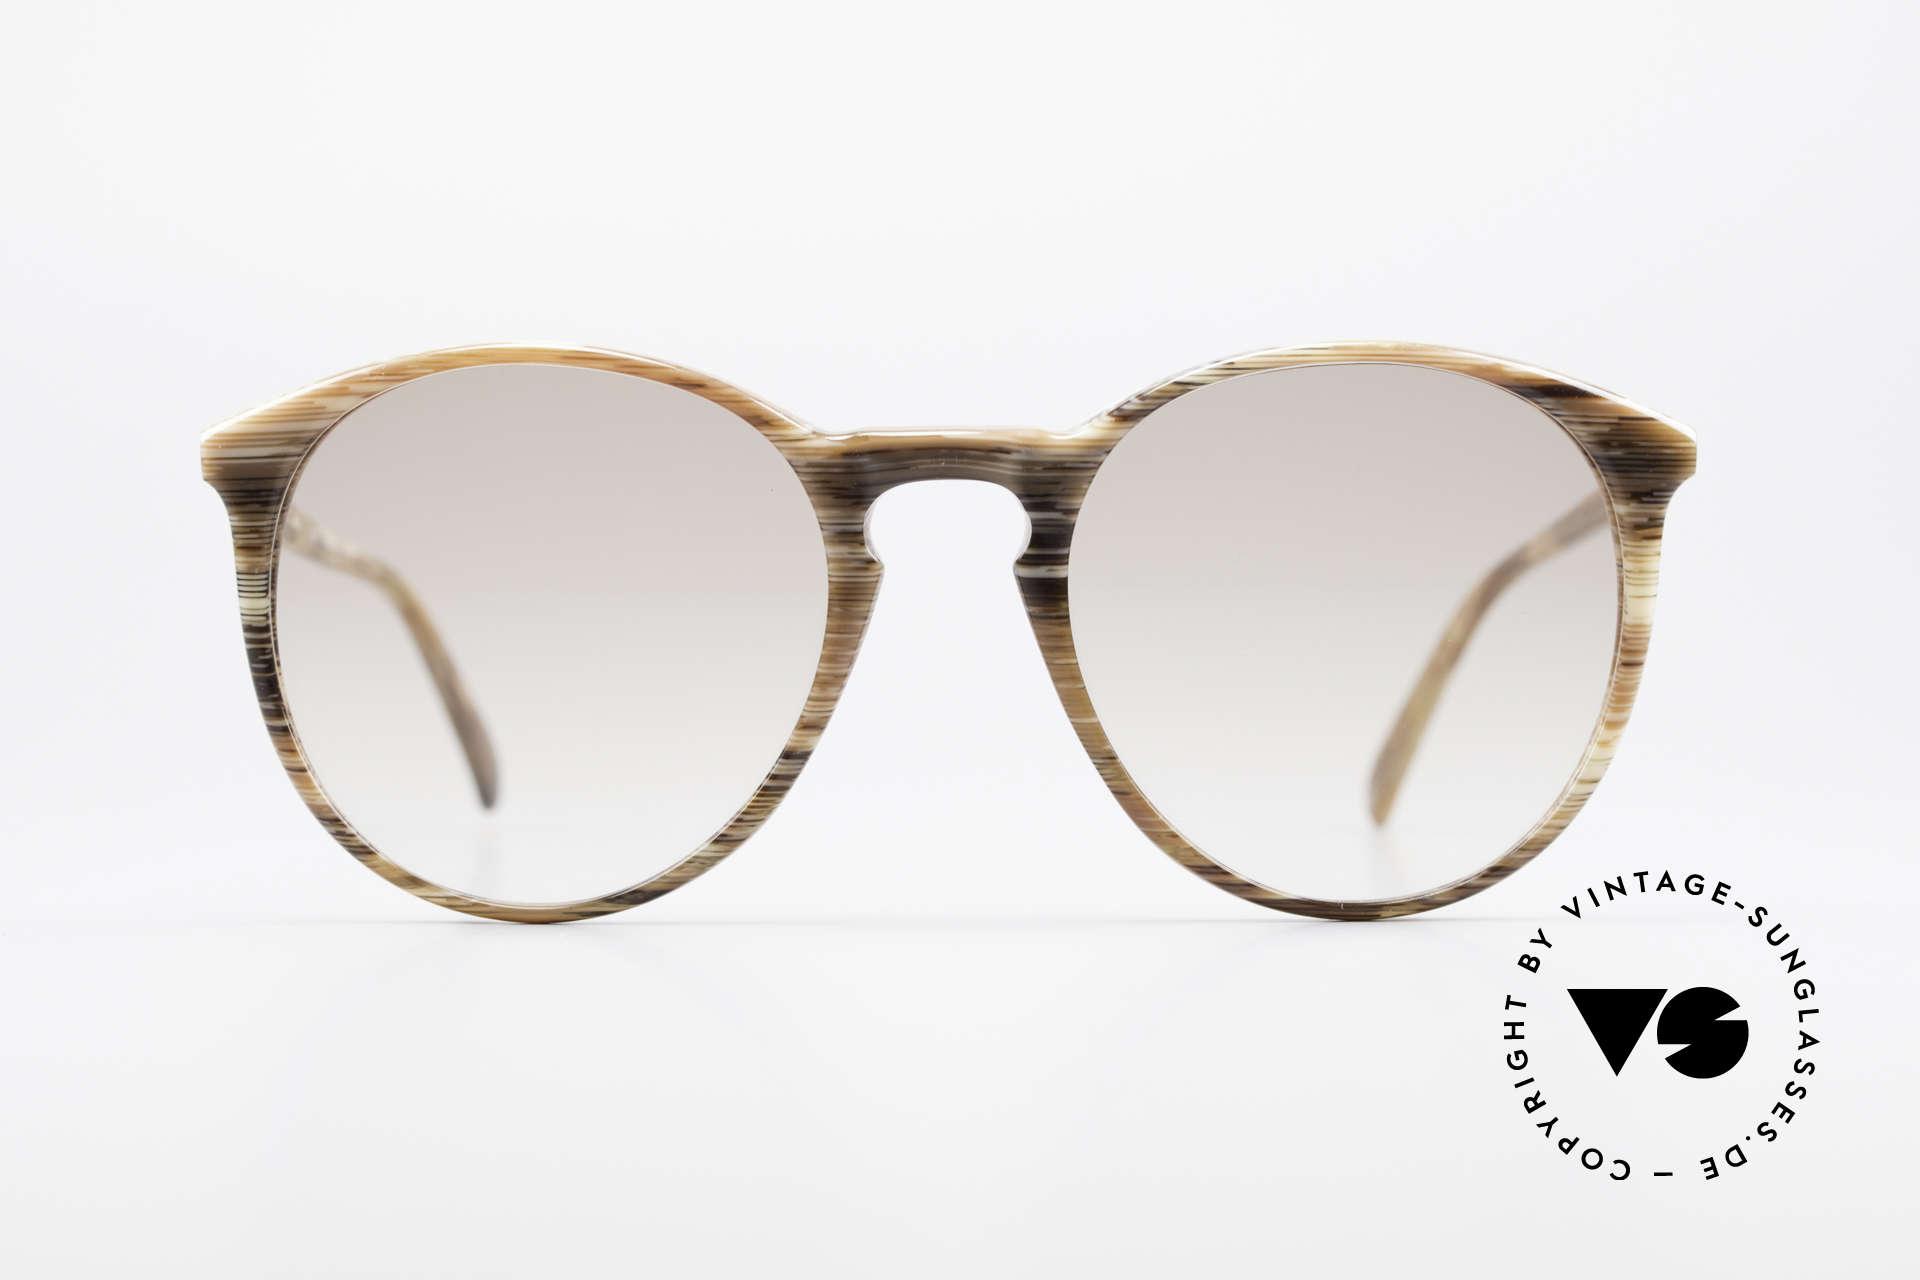 Alain Mikli 901 / 153 Horn Optik Panto Sonnenbrille, mehr 'klassisch' geht nicht (bekannte Panto-Form), Passend für Herren und Damen